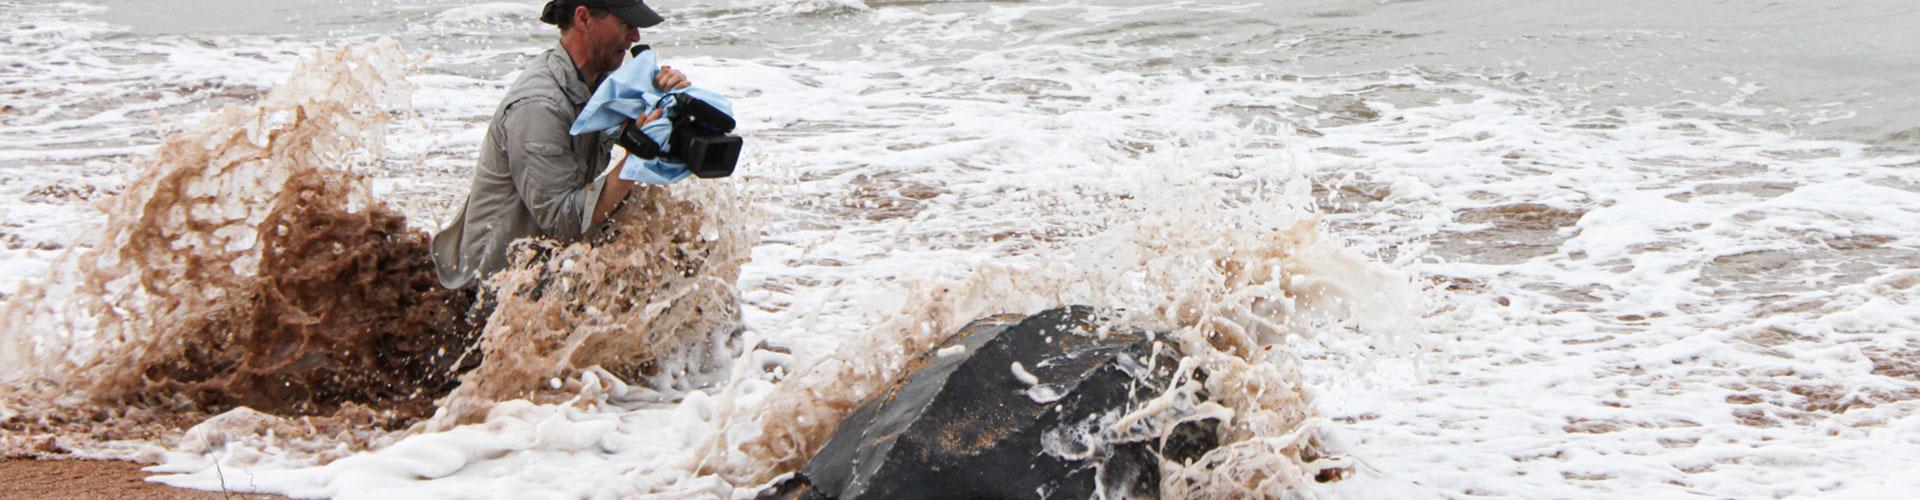 Foto: Kameramann filmt Riesenschildkröte in der Gischt an einem Strand